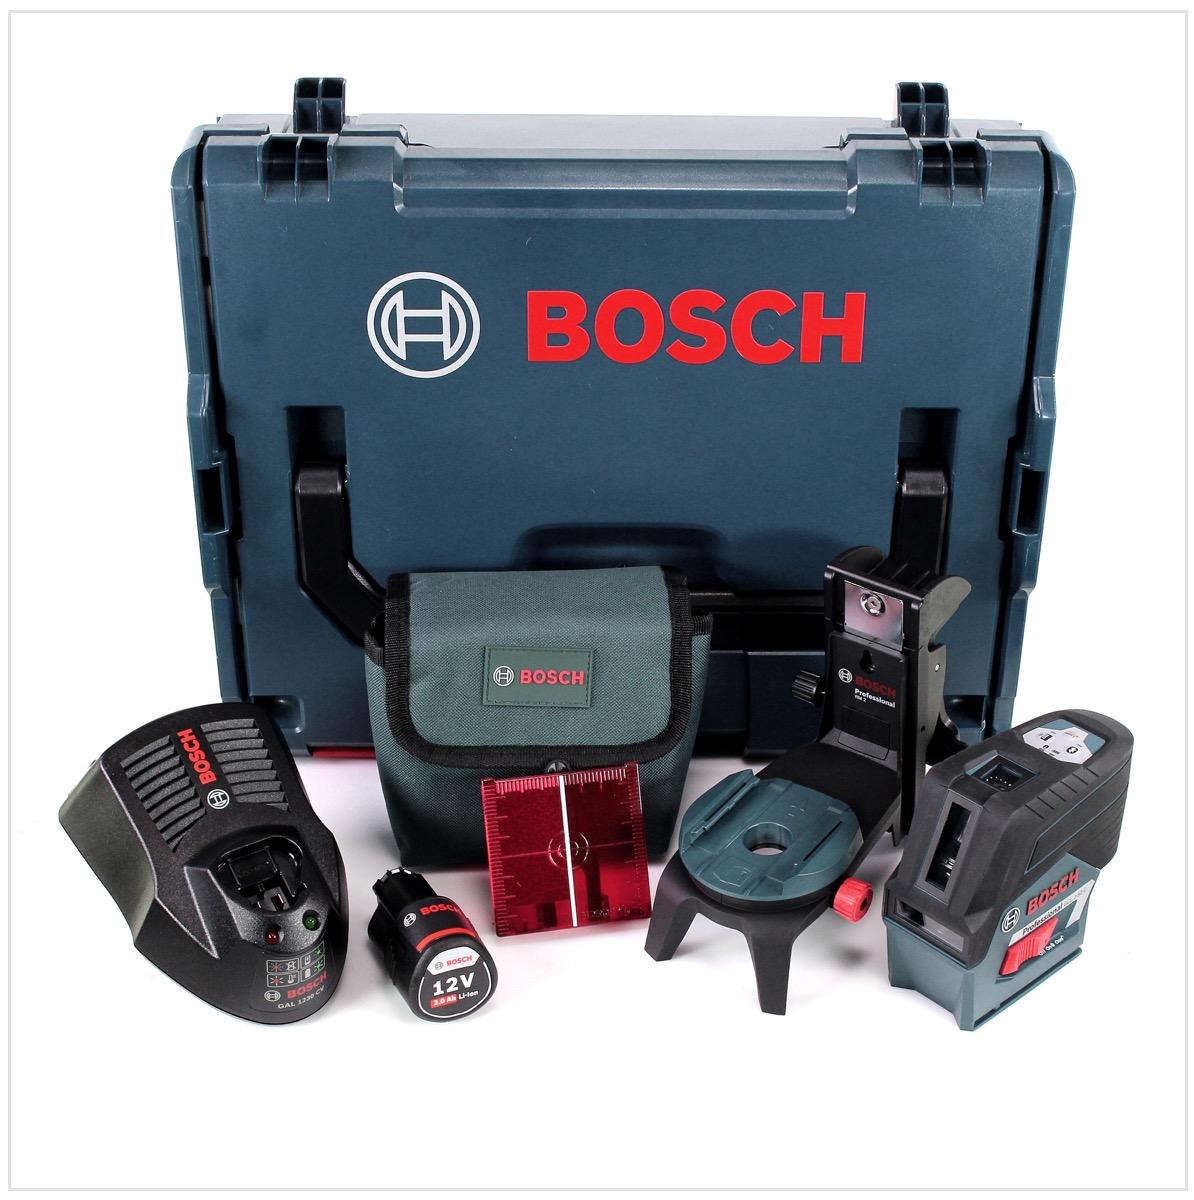 bosch professional gcl2 50c 12v kombi punkt kreuzlinien laser akku 0601066g03 ebay. Black Bedroom Furniture Sets. Home Design Ideas